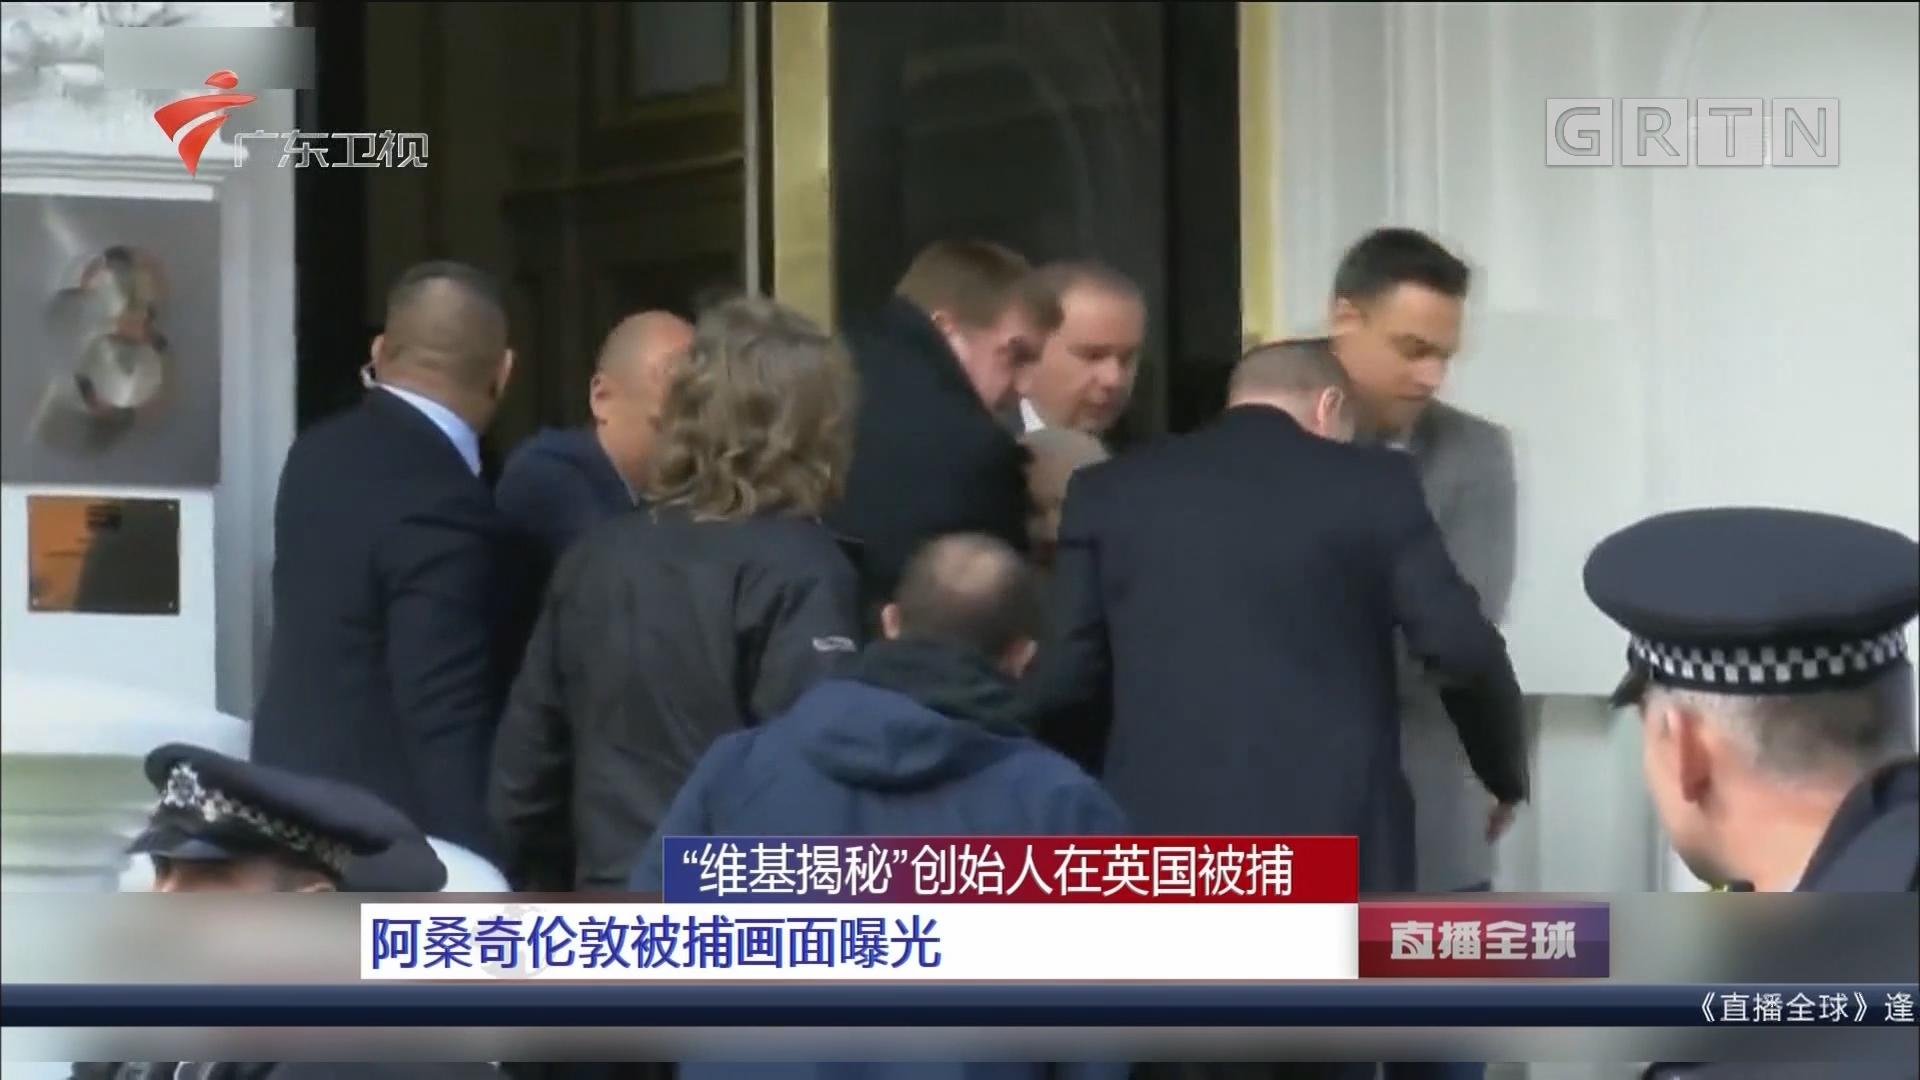 """""""维基揭秘""""创始人在英国被捕:阿桑奇伦敦被捕画面曝光"""